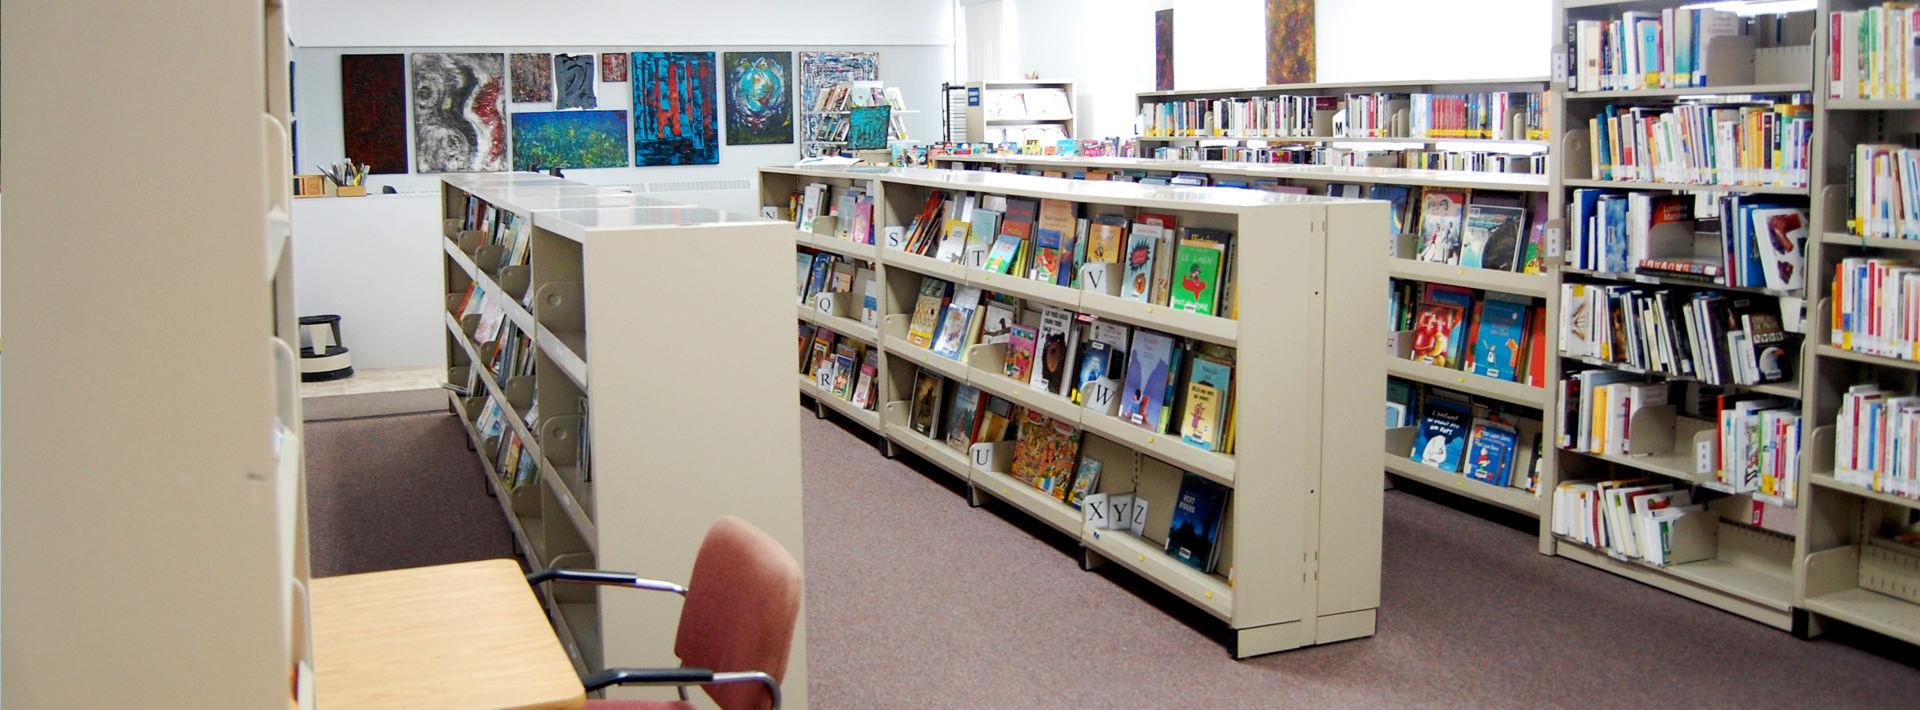 Image en-tête - Bibliothèque municipale